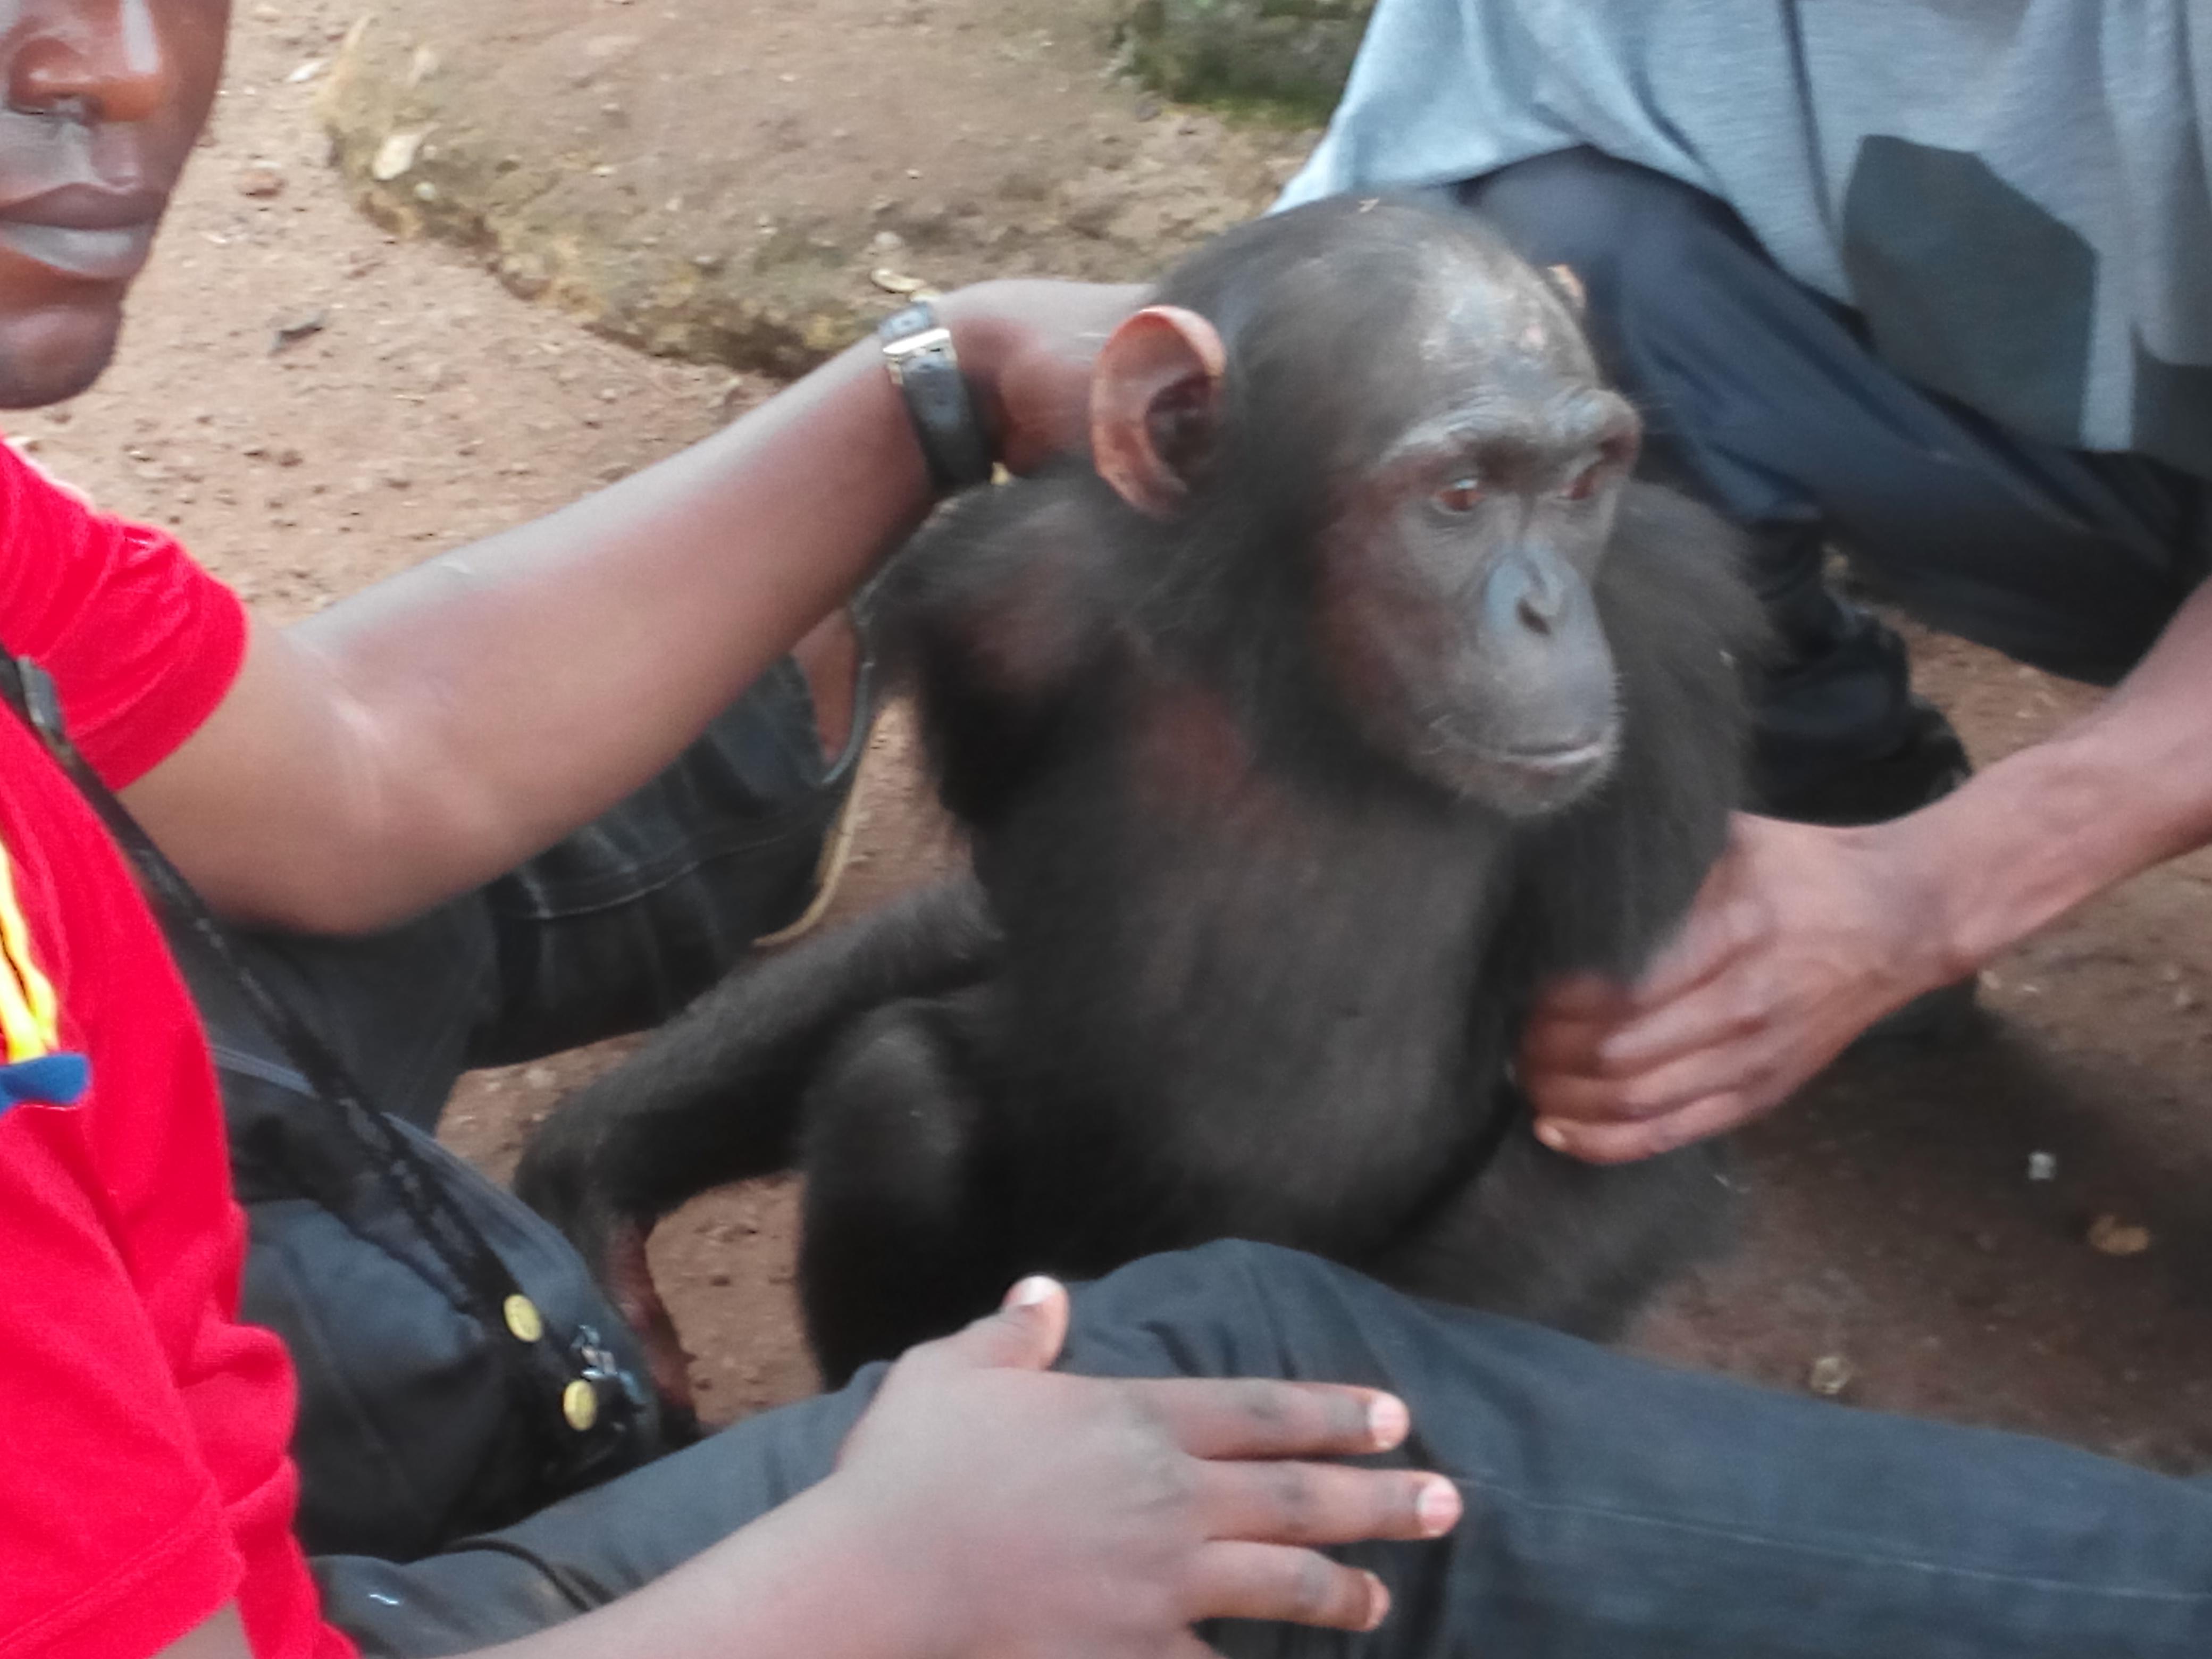 Ce chimpanzé est un orphelin qui s'est retrouvé entre les mains du suspect après la mort de sa mère.